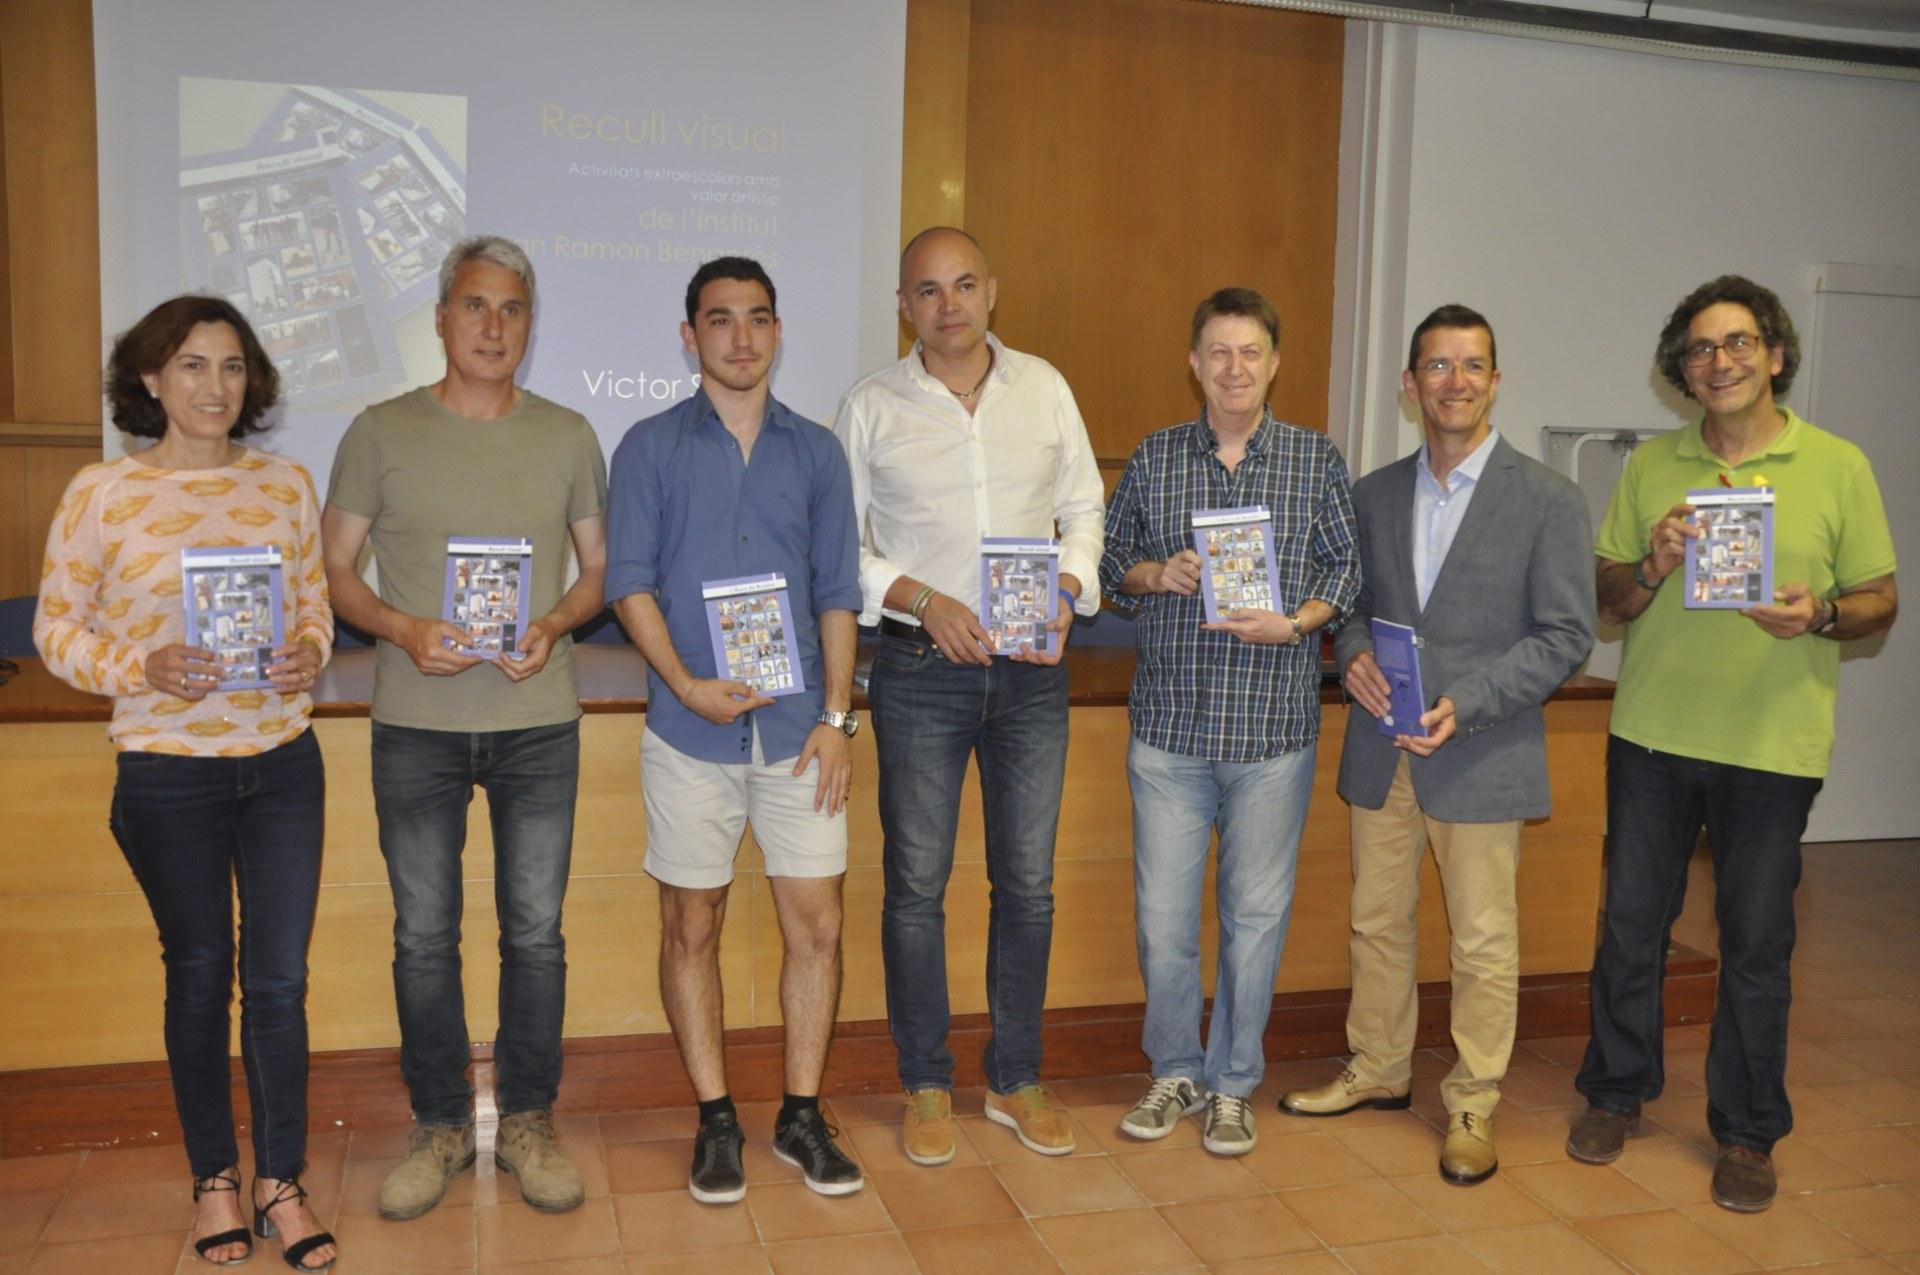 L'institut Joan Ramon Benaprès presenta el llibre 'Recull visual'